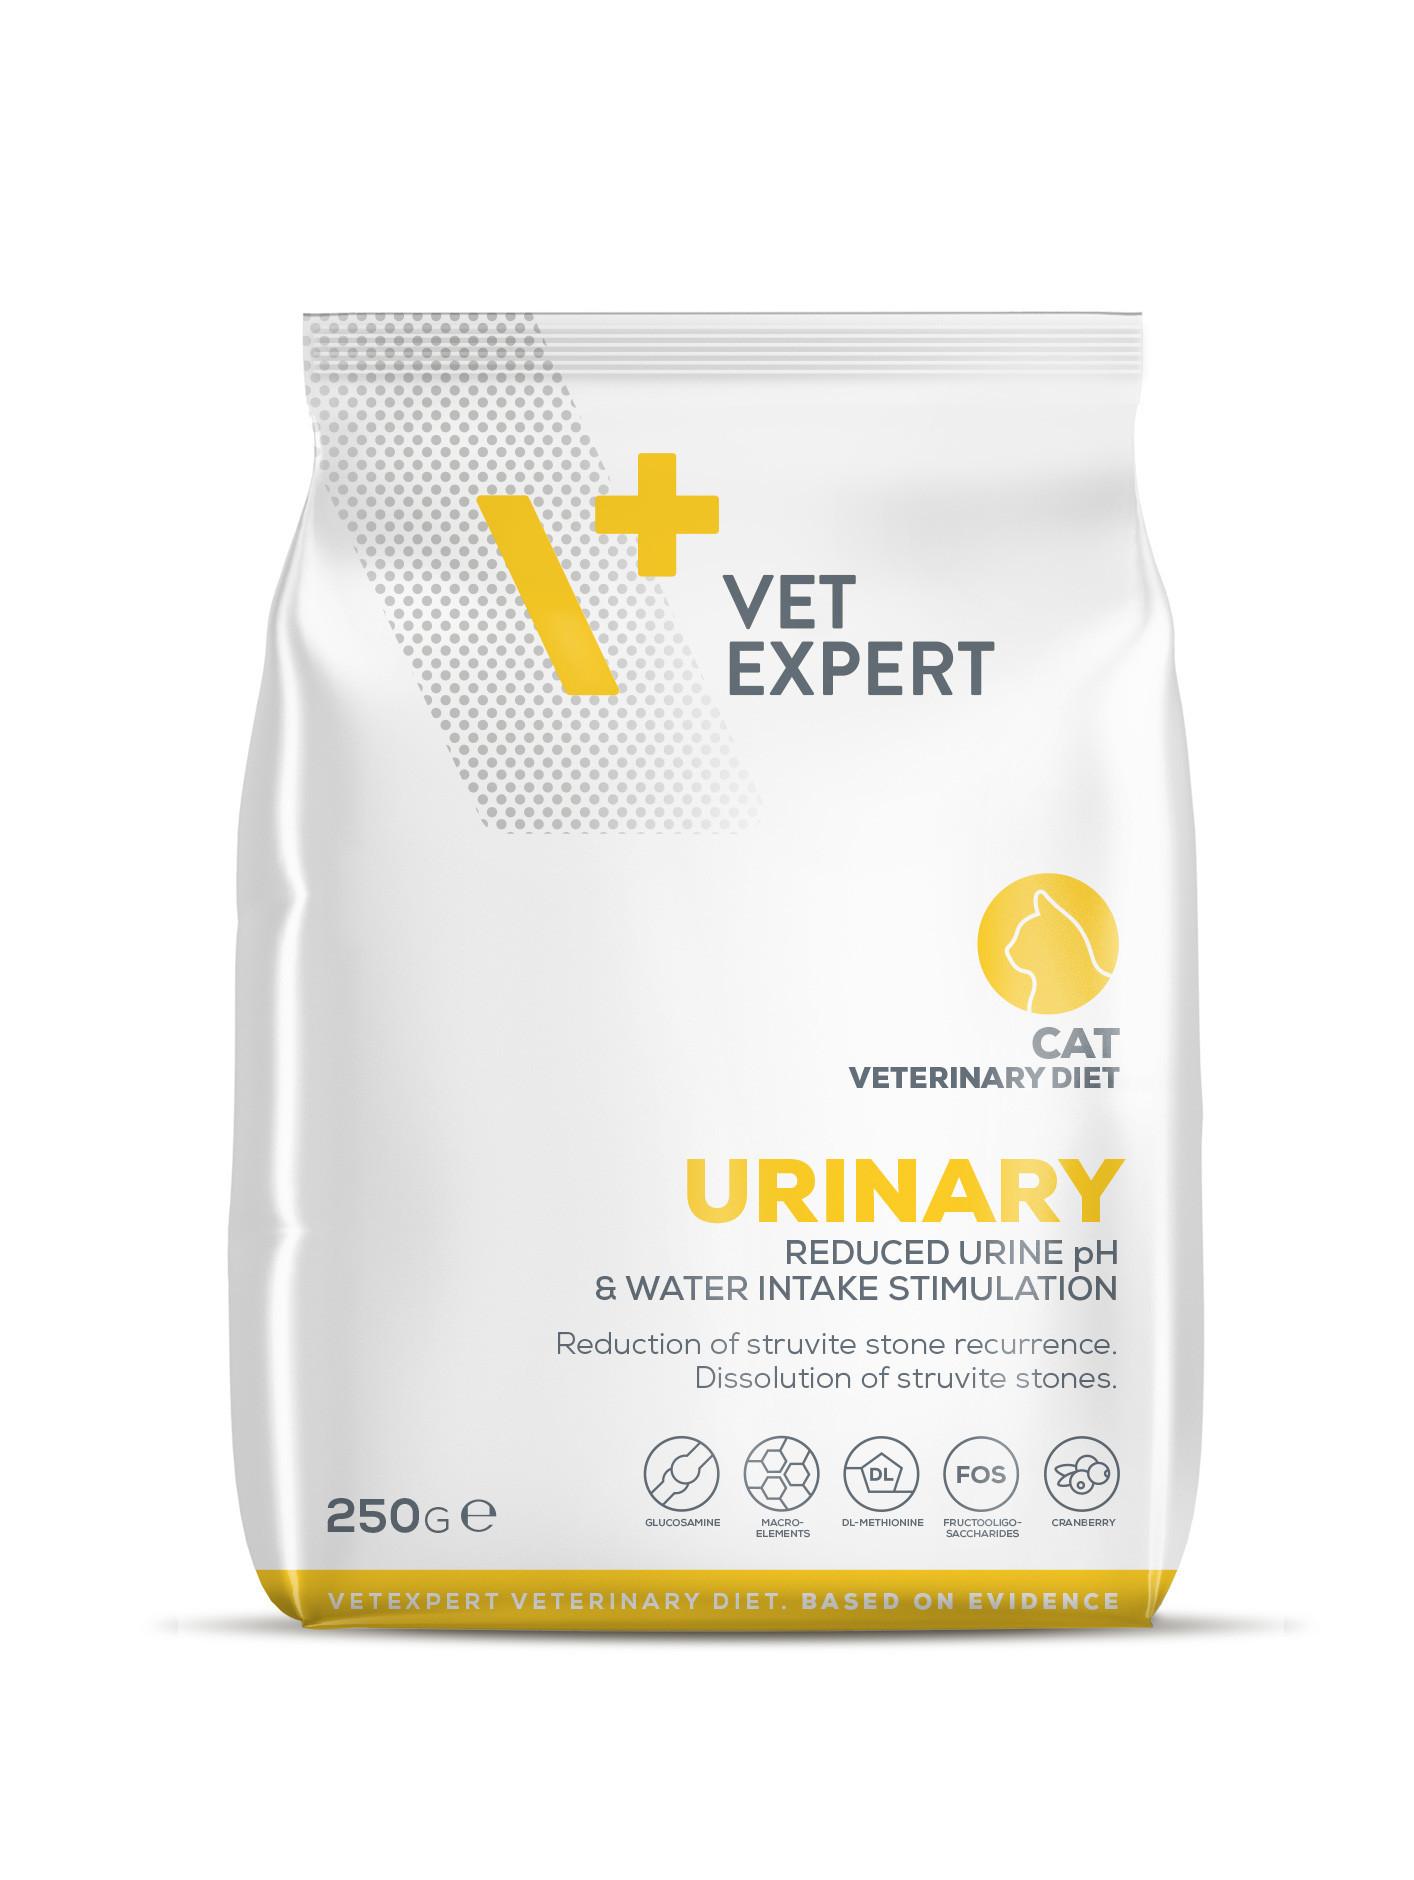 VetExpert 4T Tierärztliche Diät - Urinary – Premium Tierärztliche Diät für Katzen mit Harnwegserkrankungen und Blasenentzündung, Struvitkristallbildung, Struvit-Urolithiasis, Erkrankungen der ableitenden Harnwege (FLUTD), Zystitis, harnsäuernden Inhaltsstoffen, Struvitsteinen.